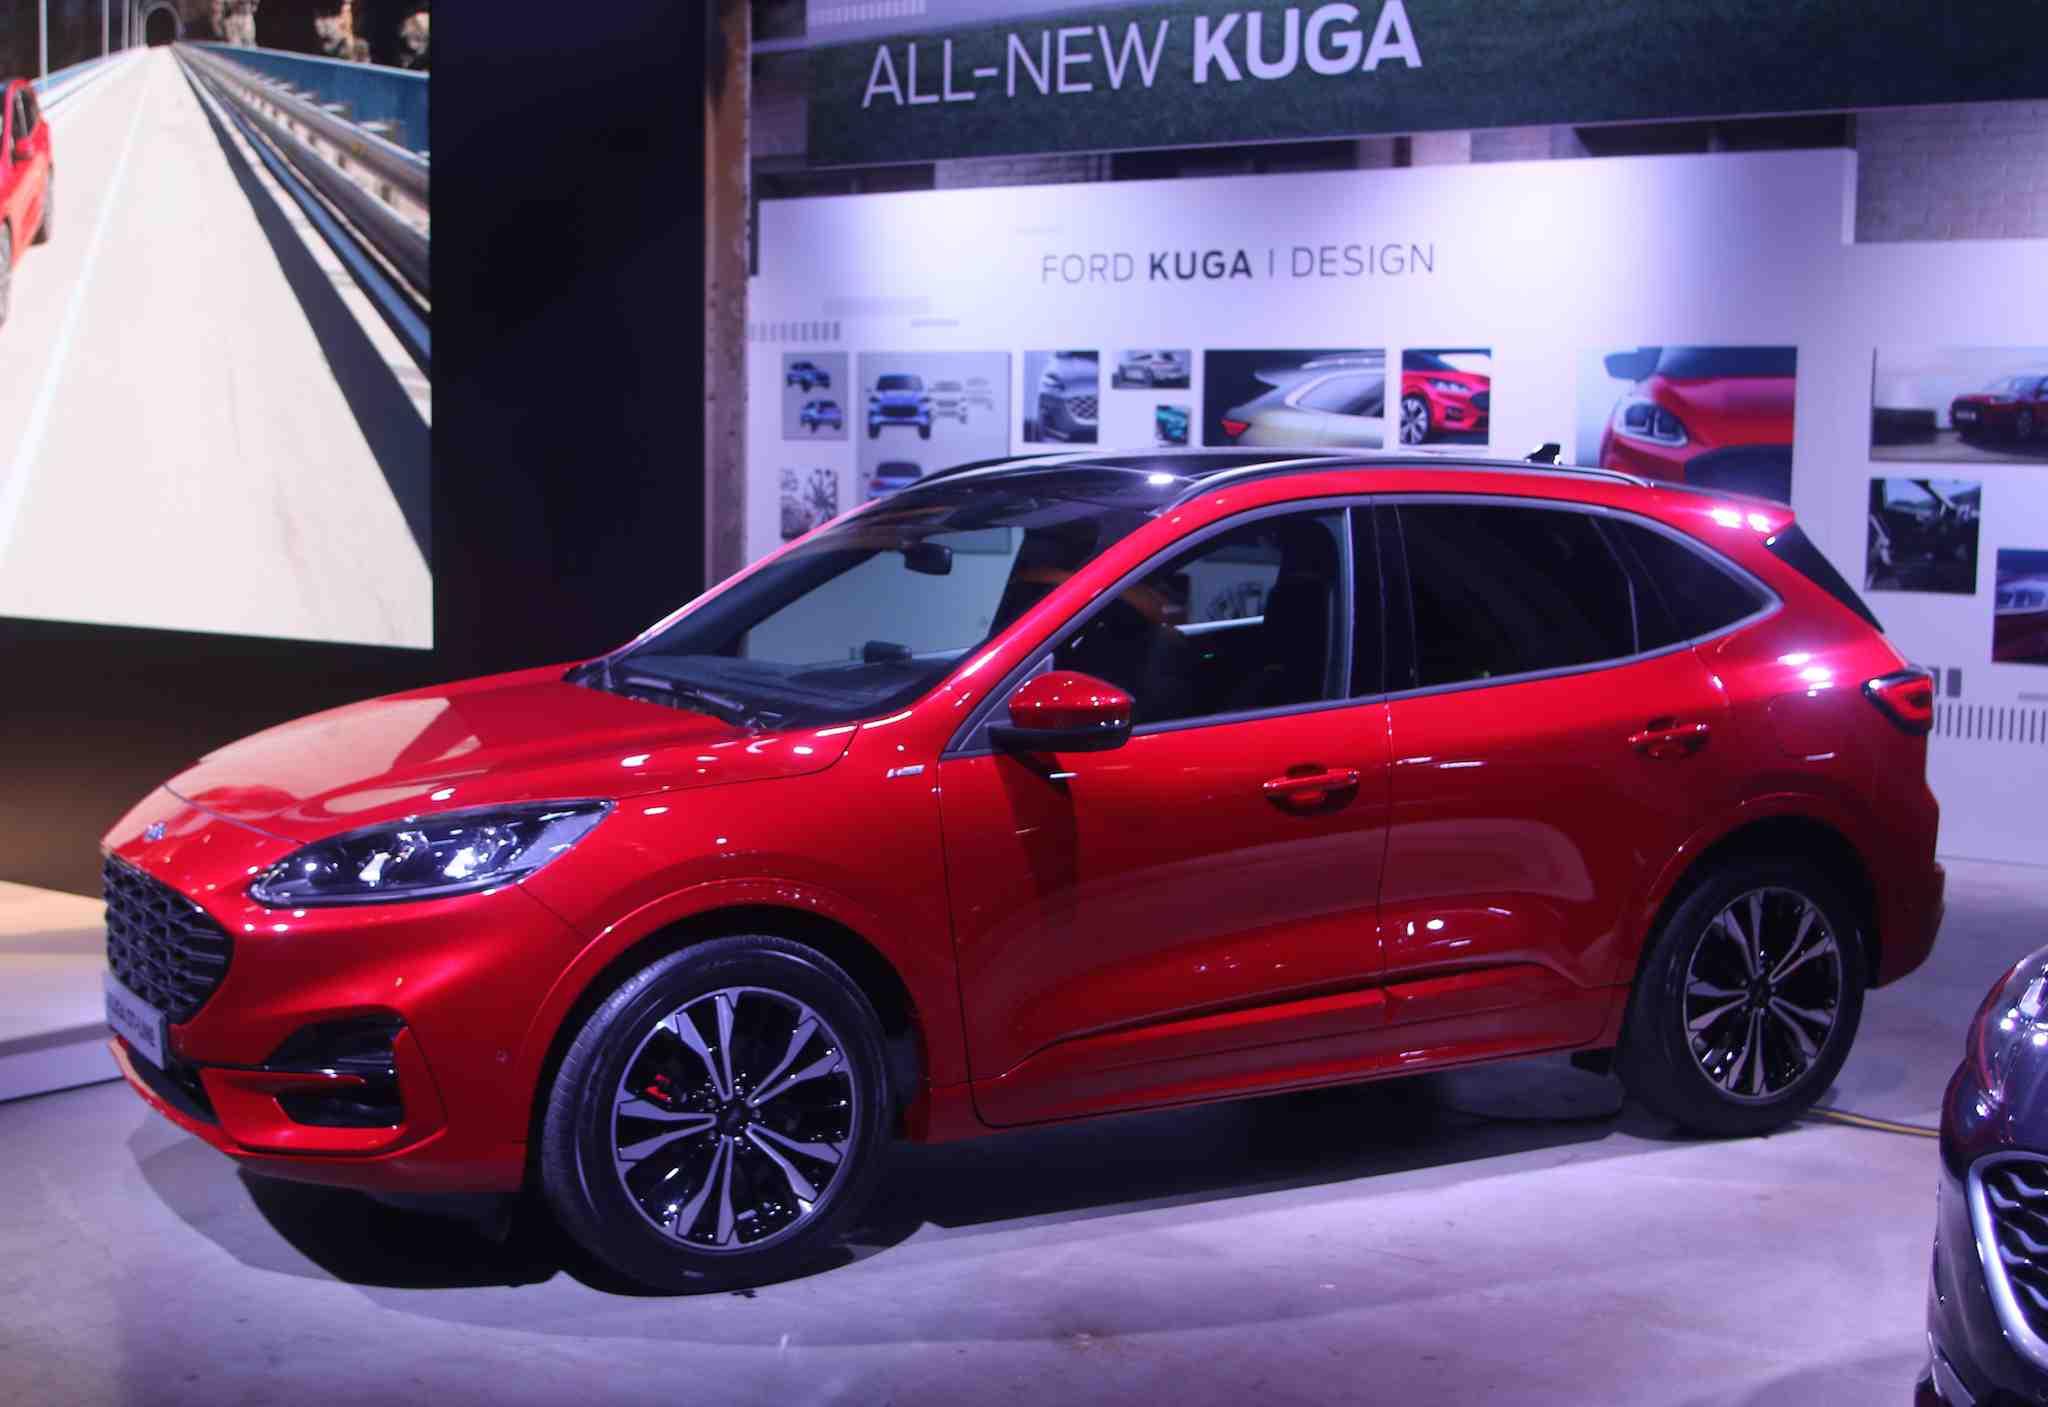 bcd9b31e Den nye Ford Kuga lanseres i tre ulike hybrid-varianter - Bilmagasinet